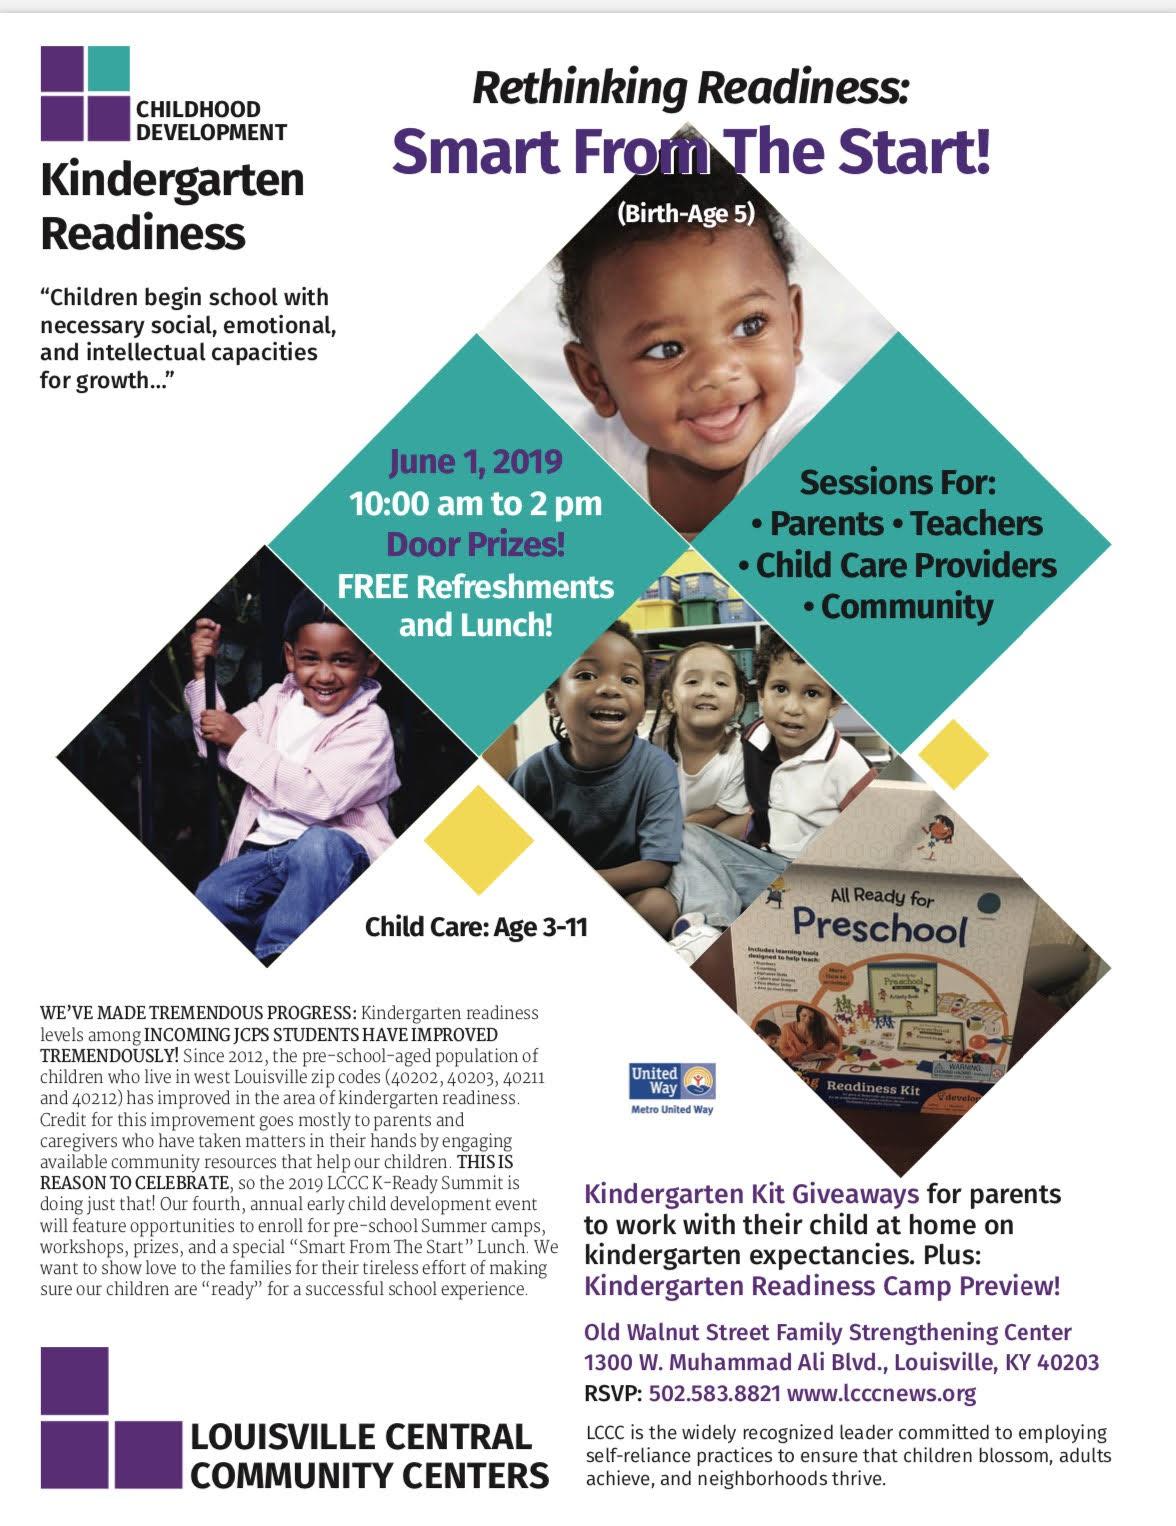 4th Annual Kindergarten Readiness Summit